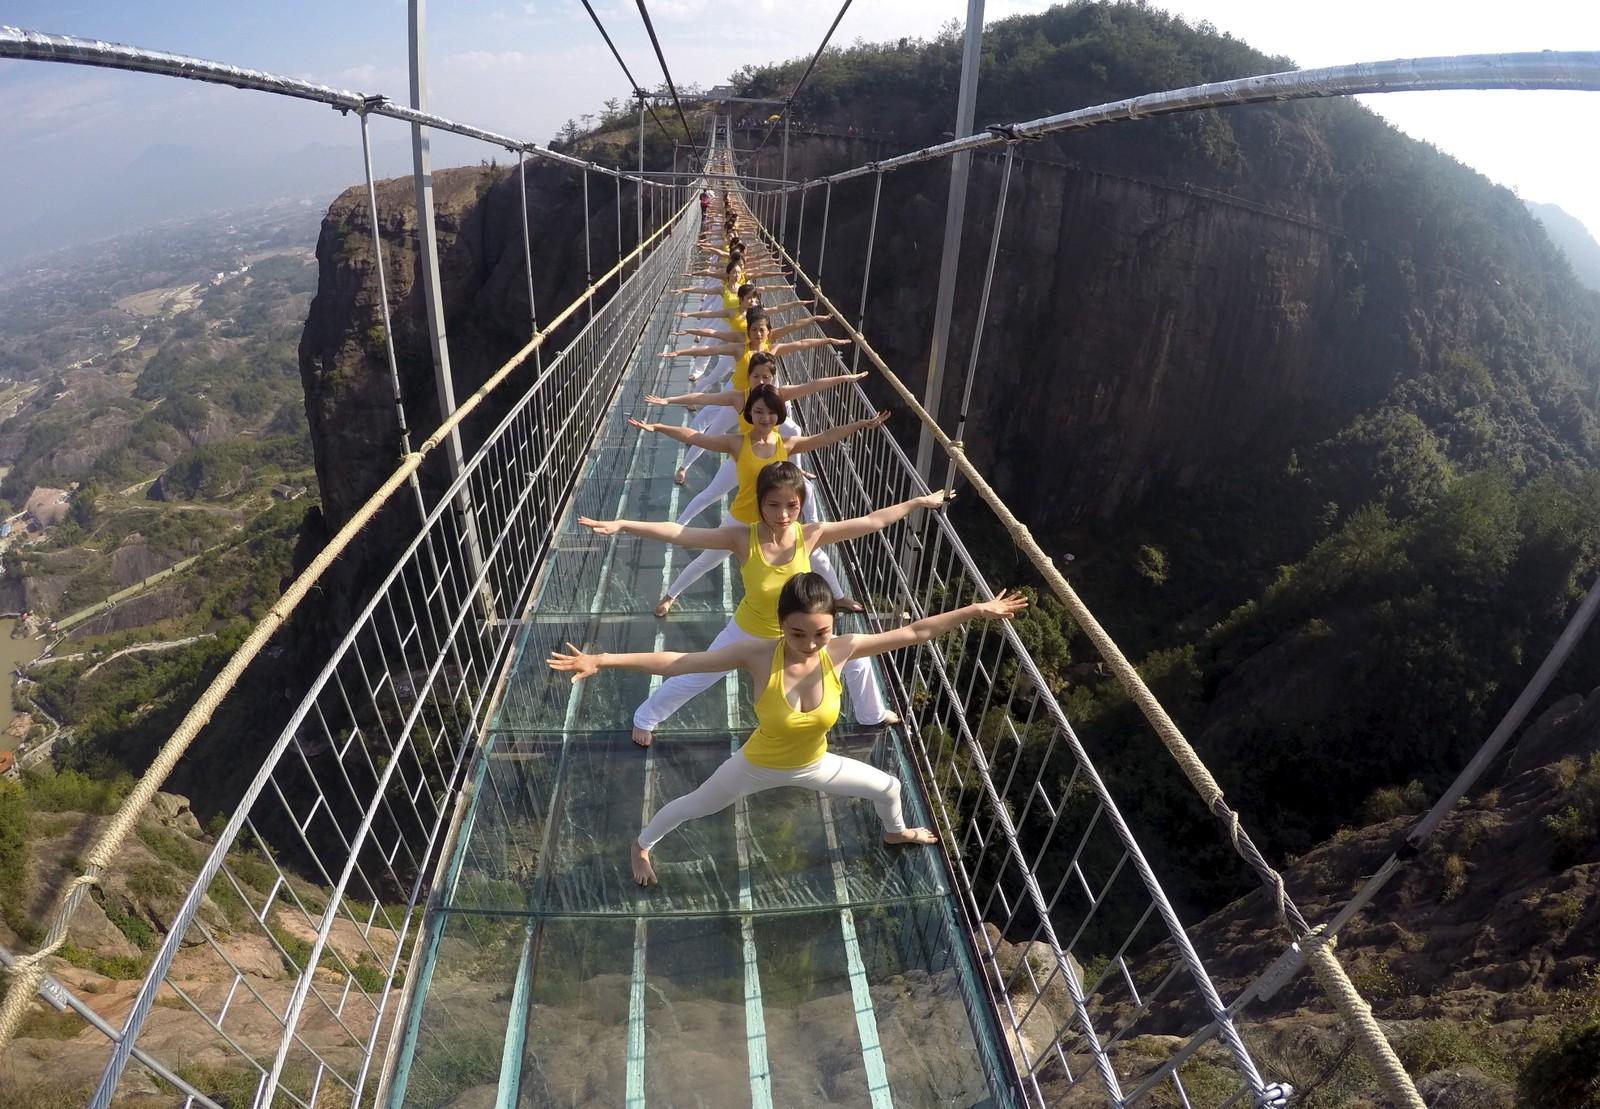 Yoga på en glassbru i en nasjonalpark i Hunan-provinsen i Kina. Rundt hundre deltakere hadde møtt opp for å strekke seg i et luftig miljø.